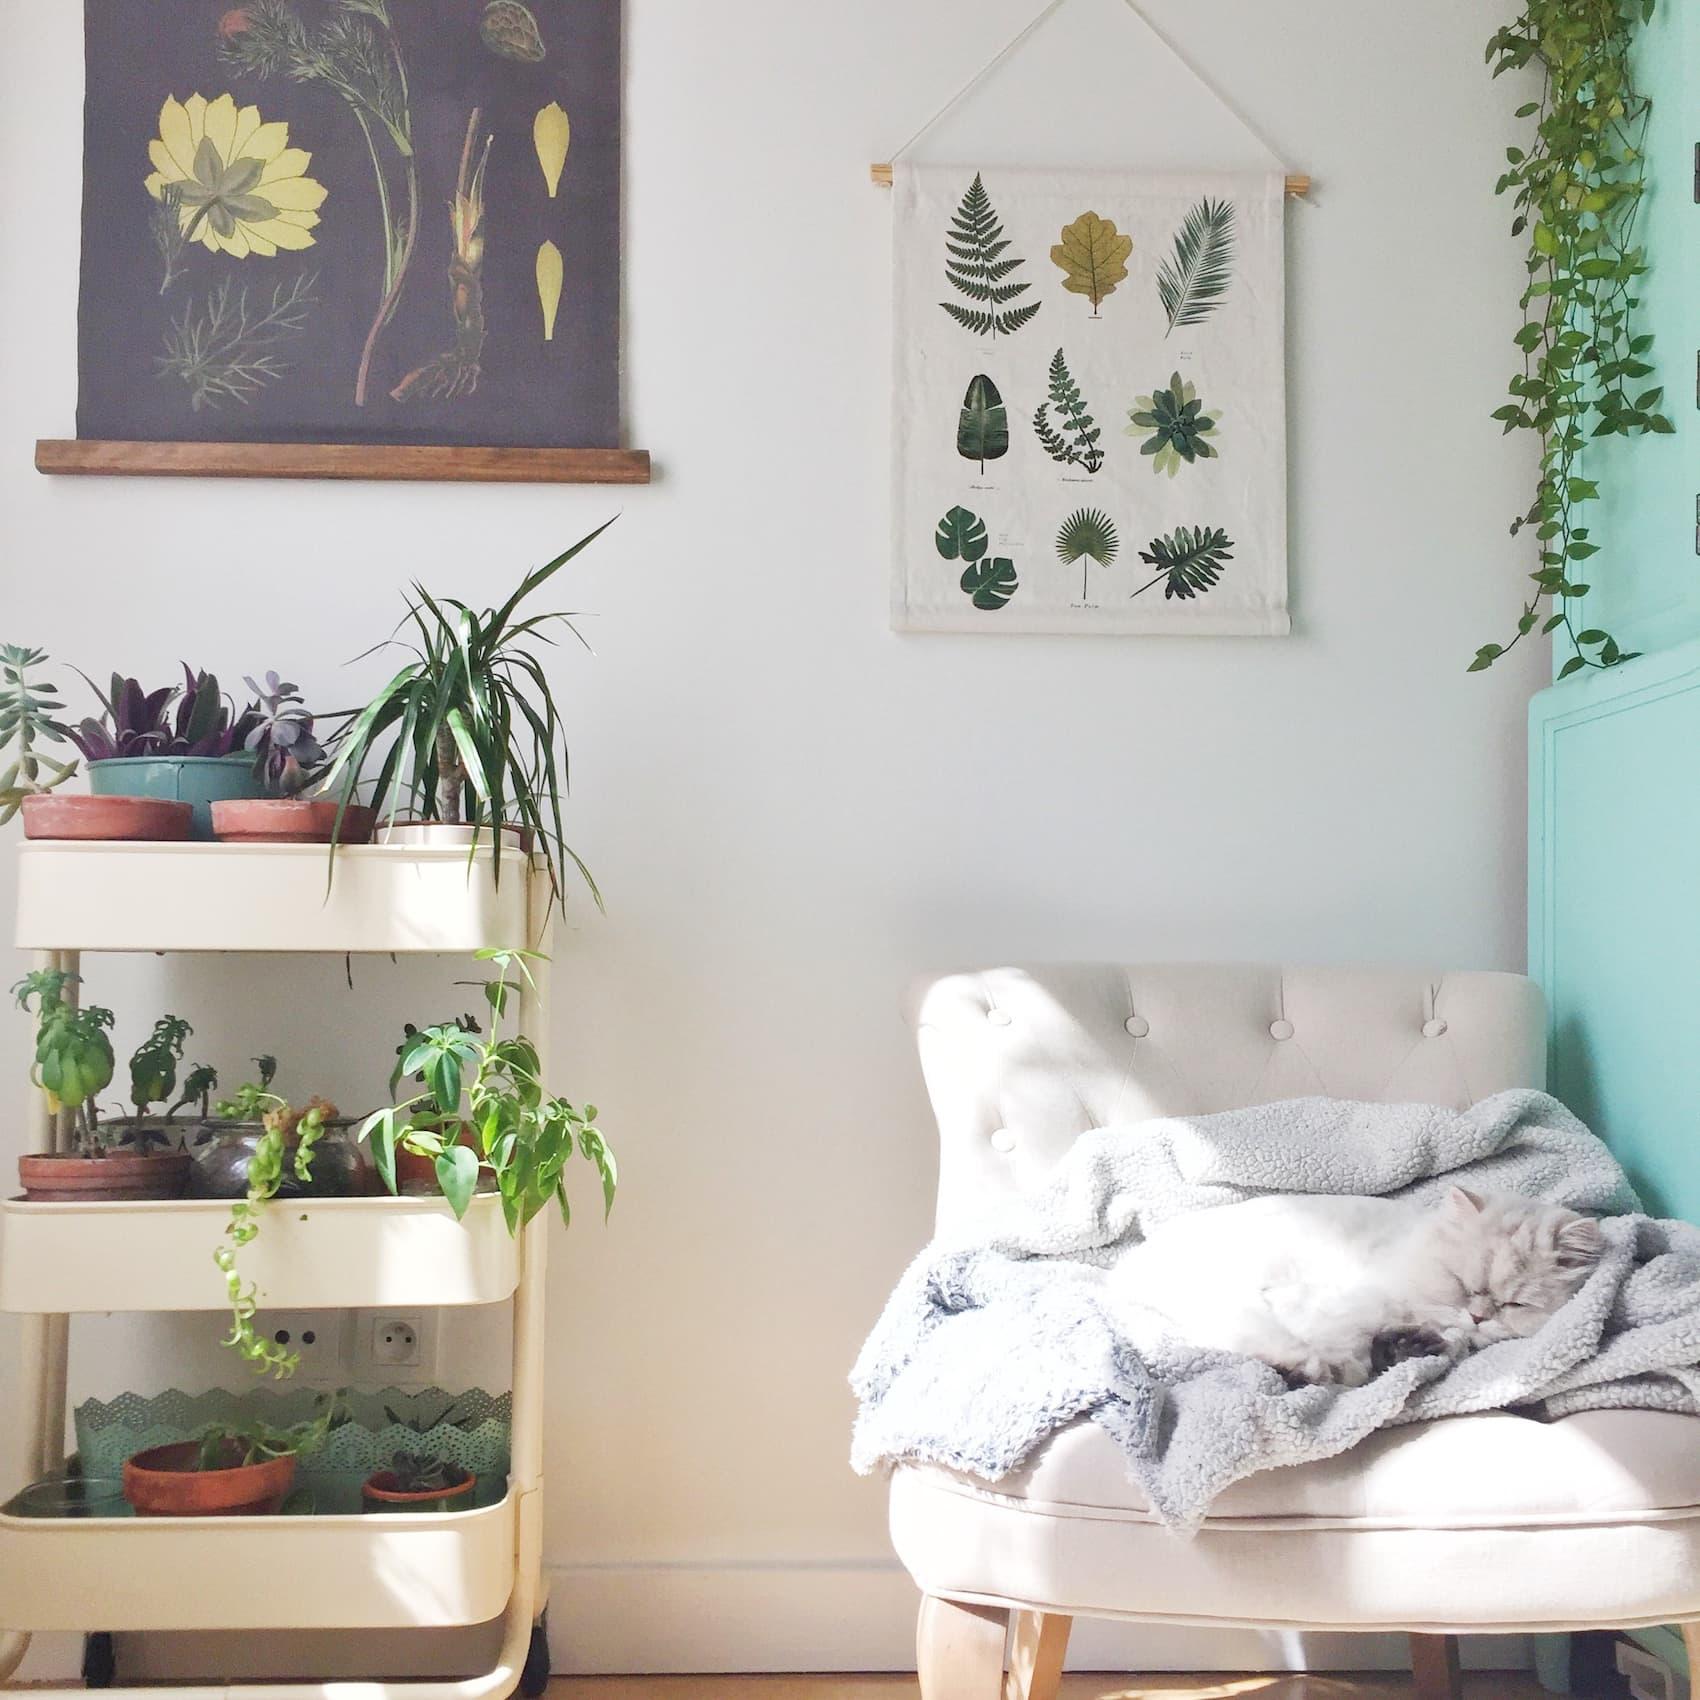 Mon lagom : mon bureau, ma déco, mes anti-stress : caresser mon chat, faire rentrer la nature et m'occuper de mes plantes vertes - Blog lifestyle